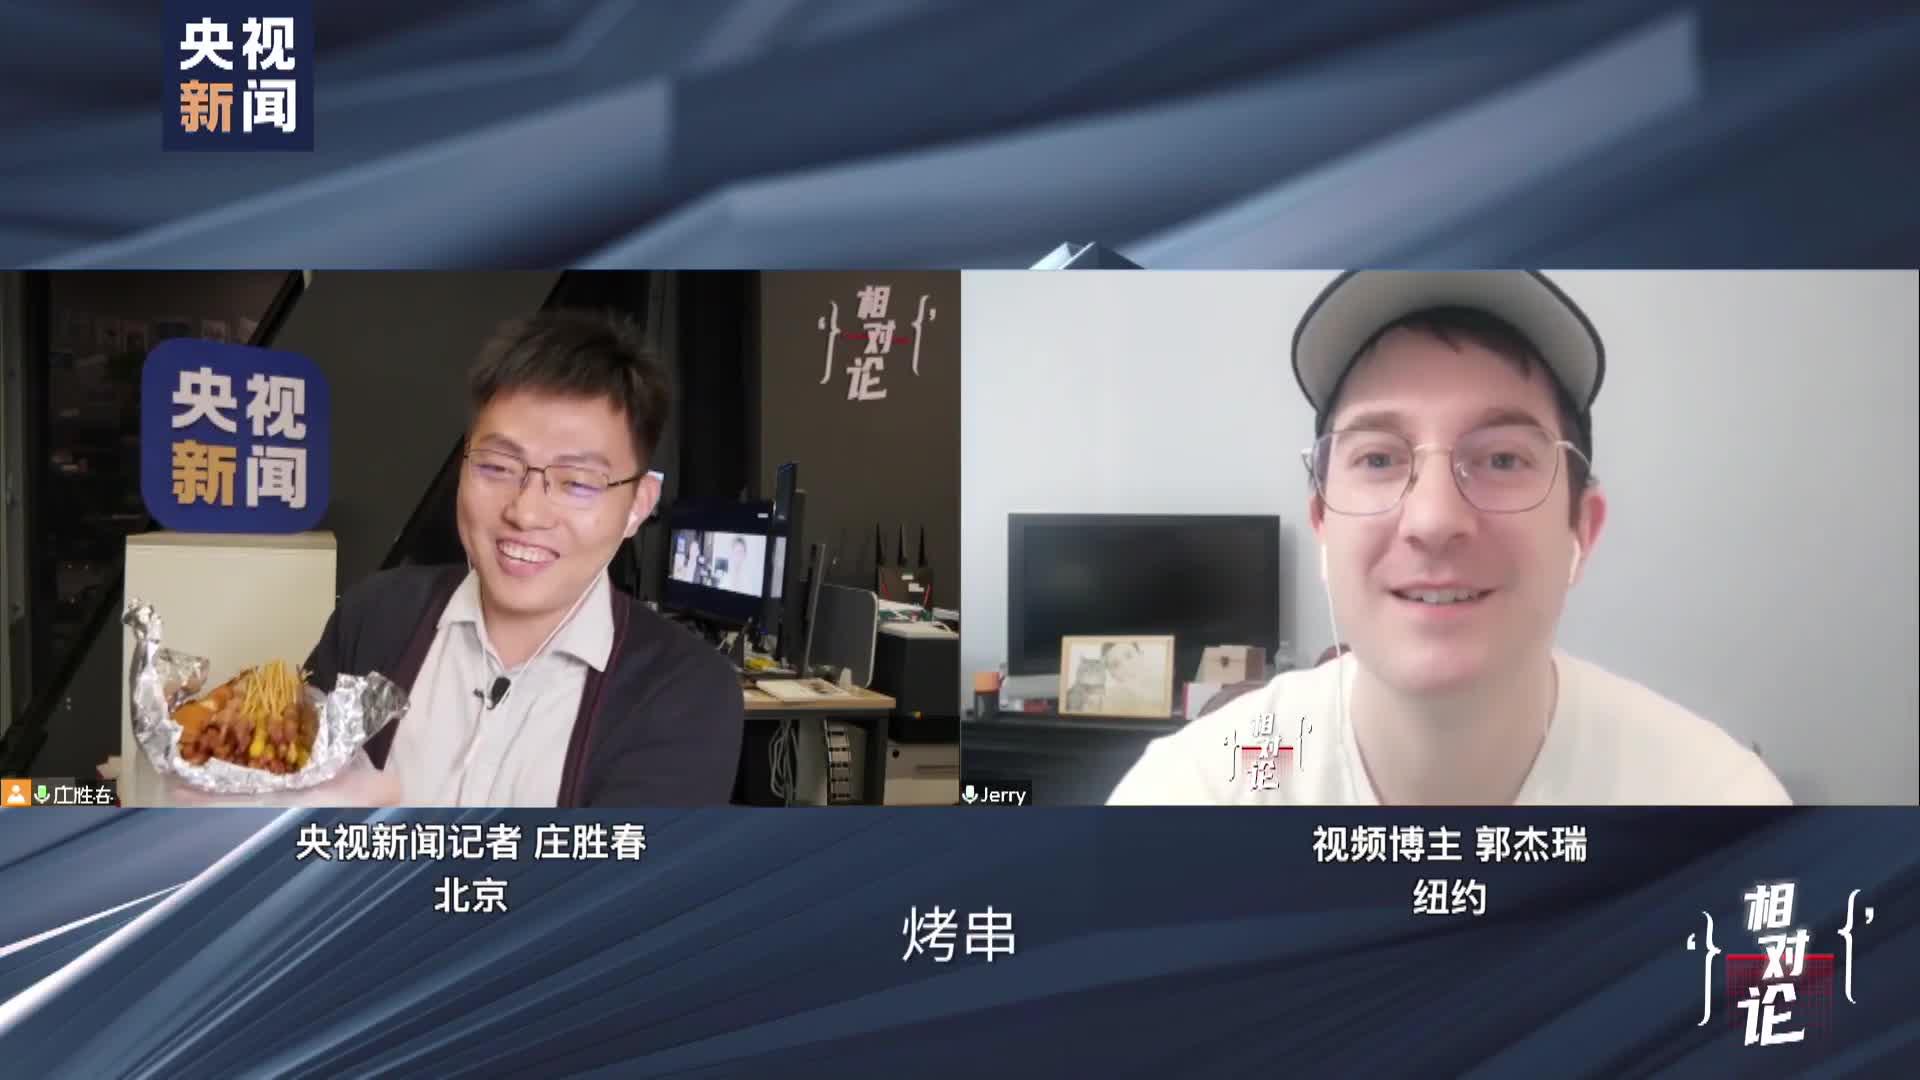 美国小哥说跟美国人谈疫情是对牛弹琴:他们不信中国控制的很好